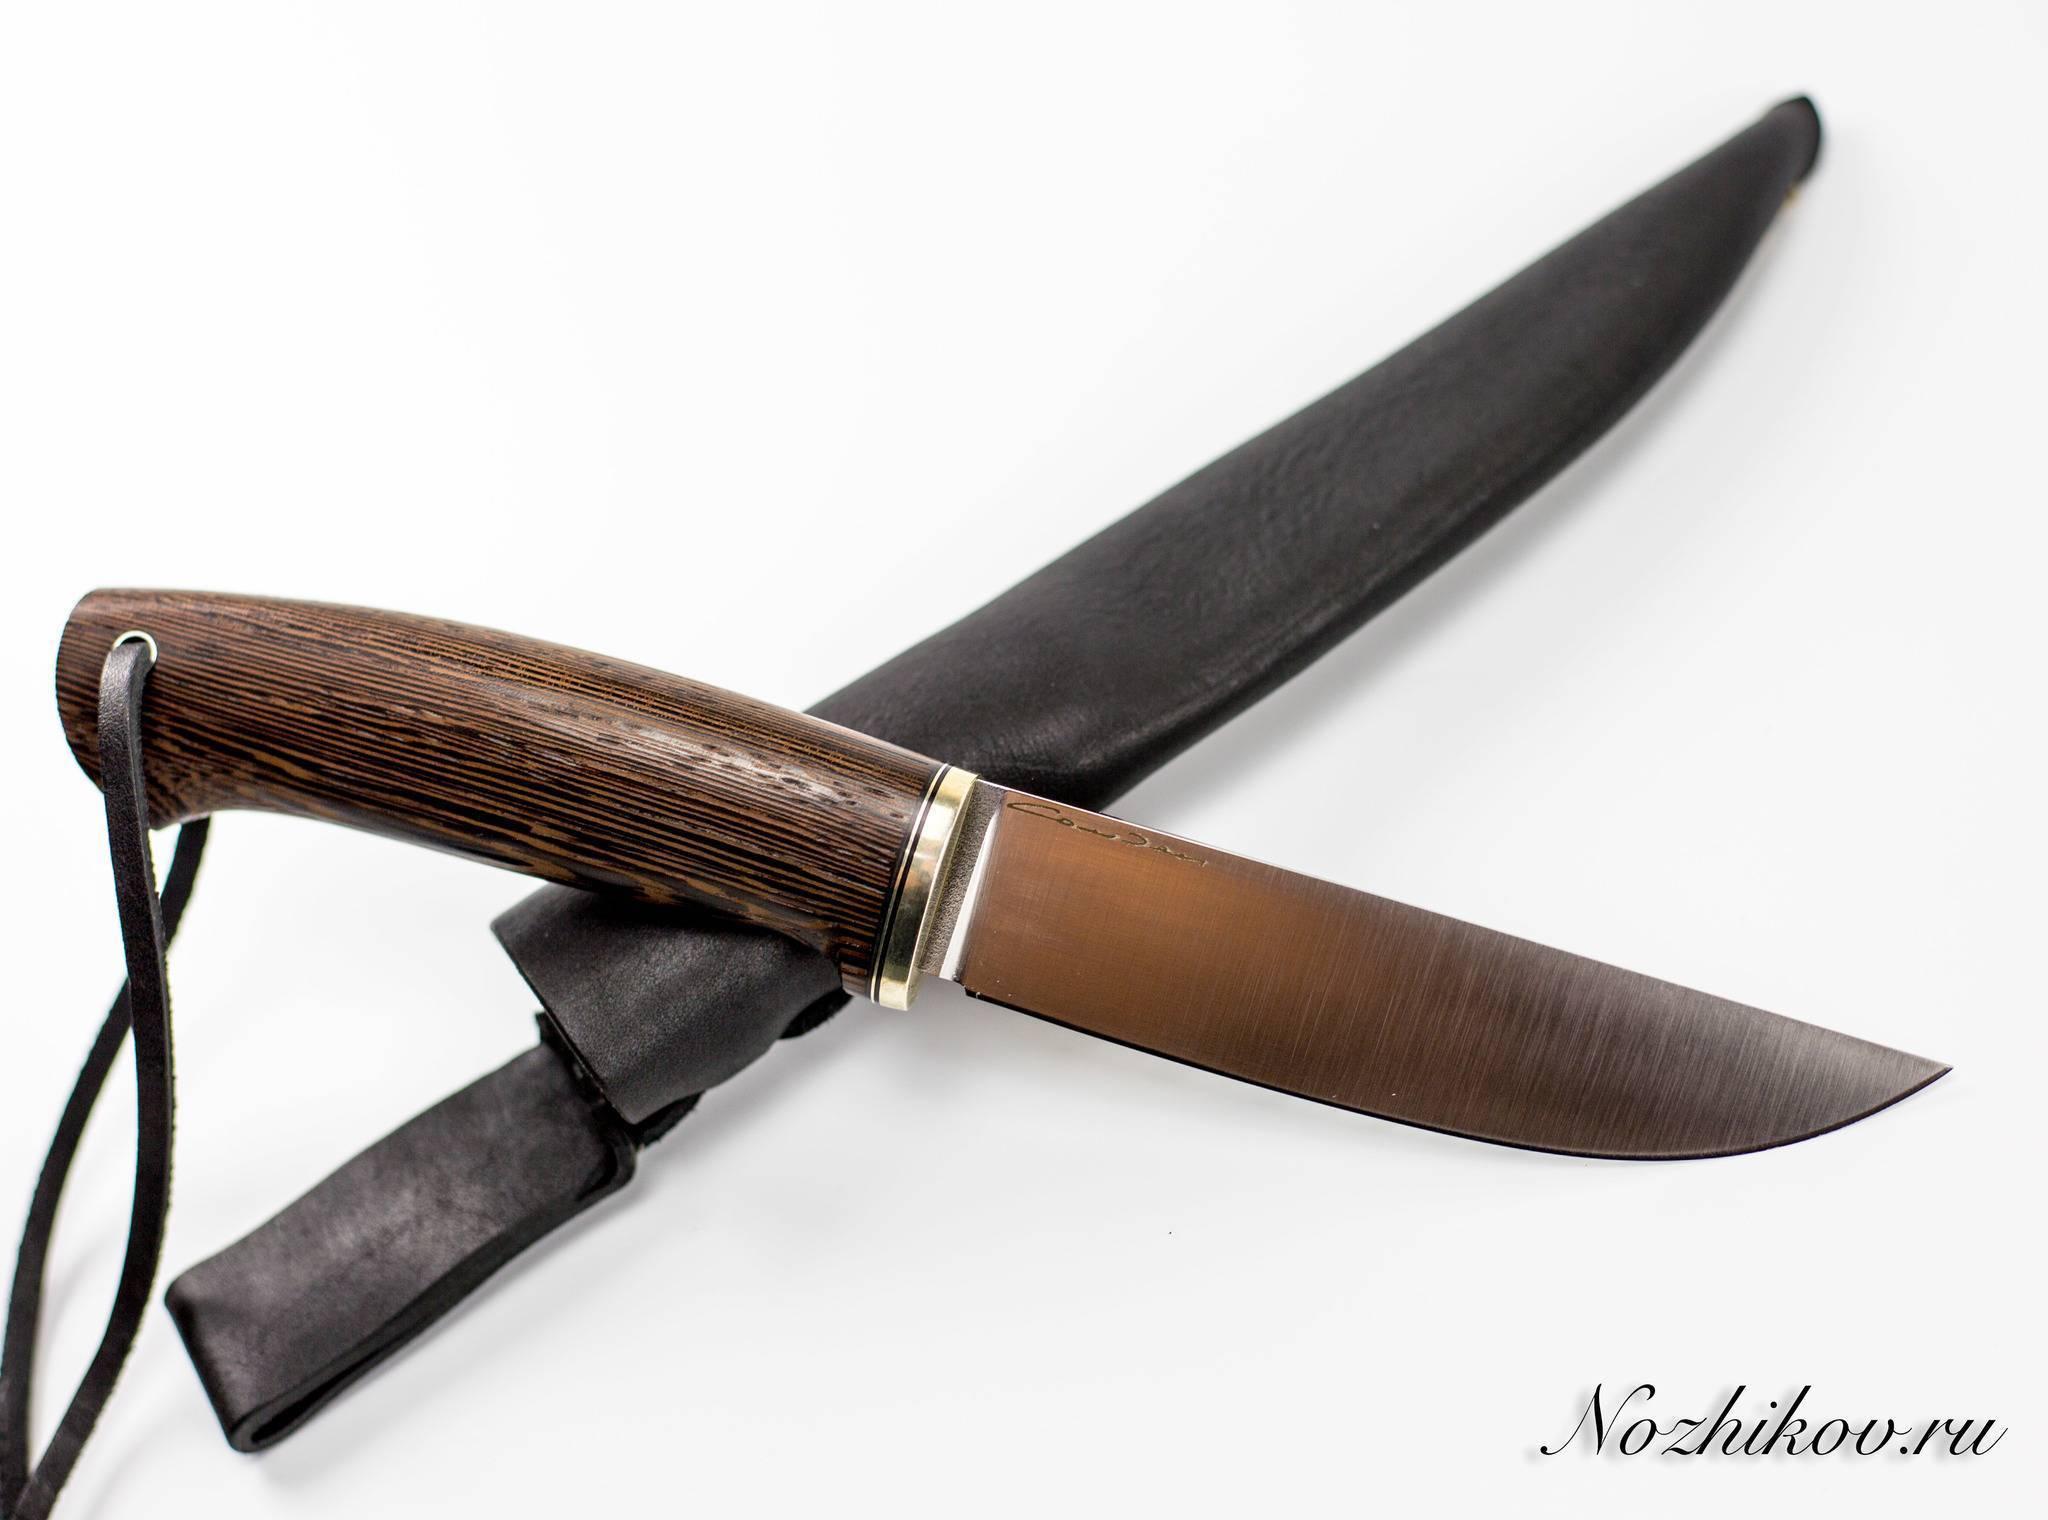 Засапожный нож – старинное оружие, популярное в наши дни